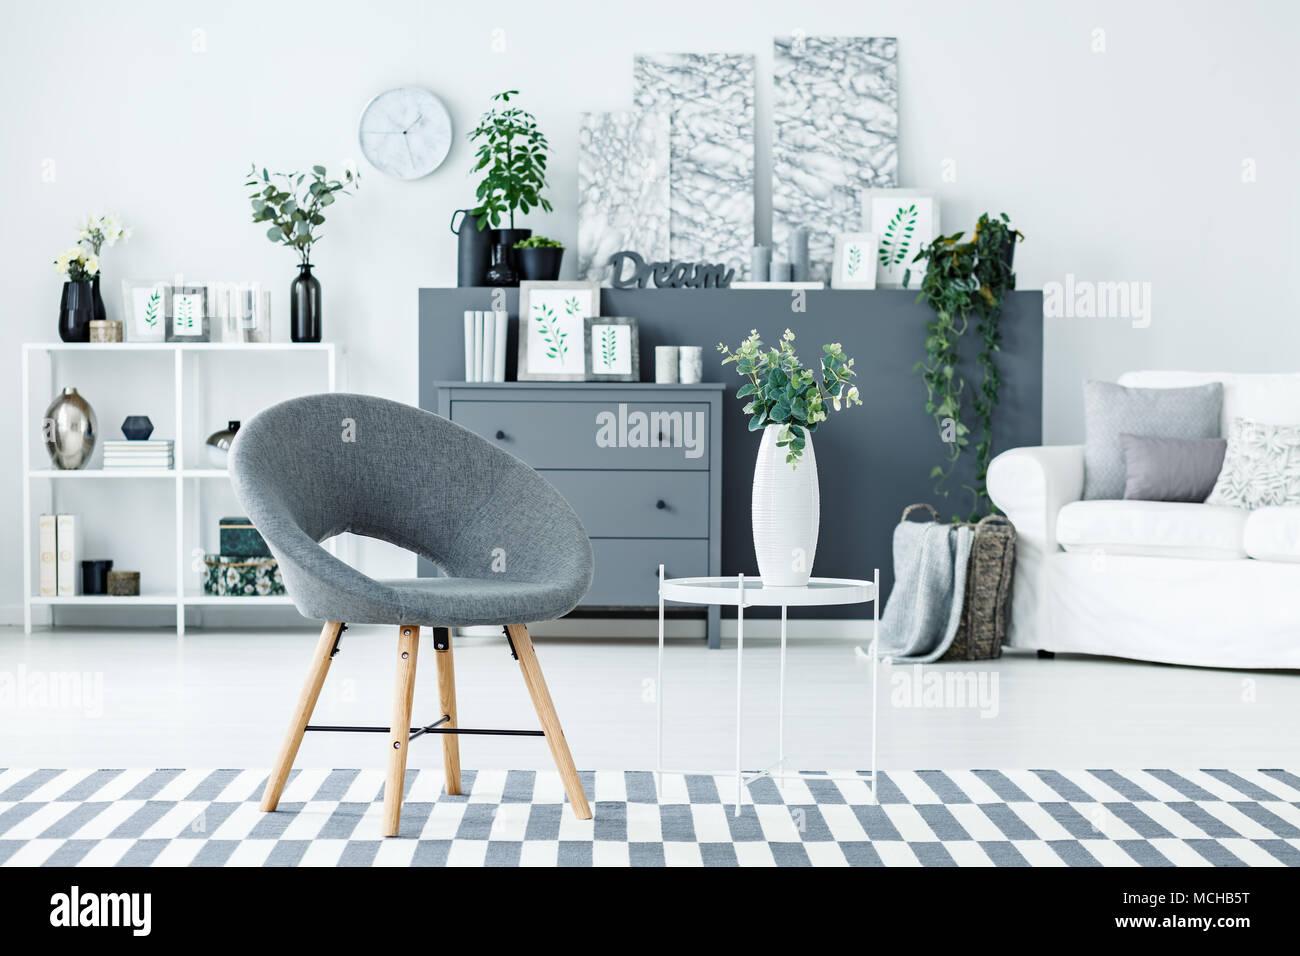 Grau Stuhl und weißes Metall Tisch mit Blumen in Keramik Vase in ...